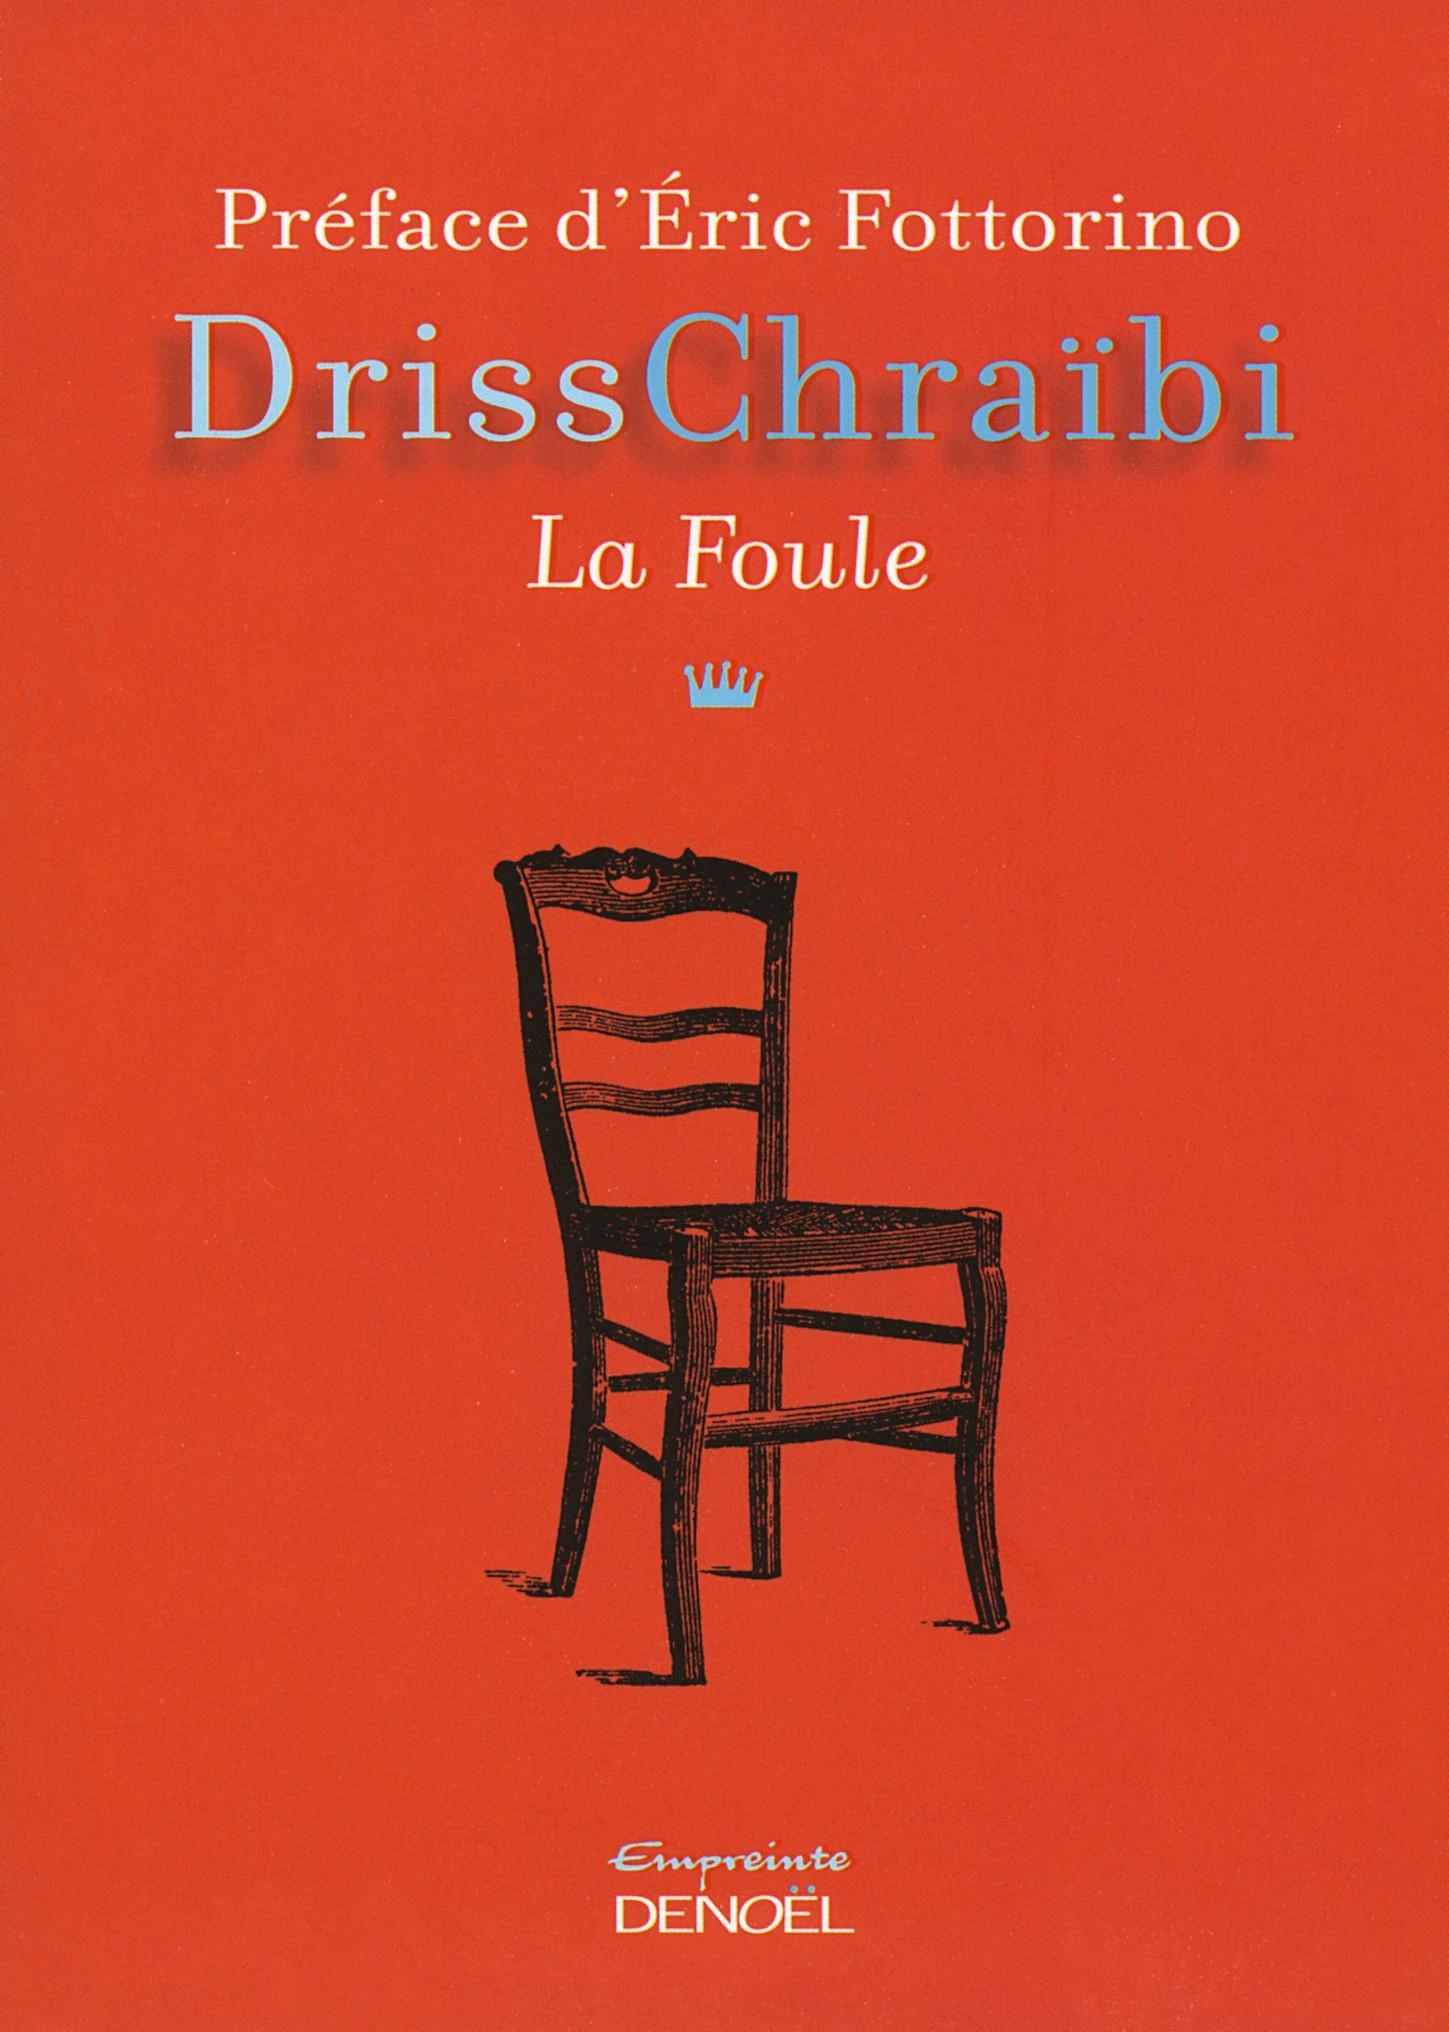 couverture du roman La Foule de Driss Chraïbi